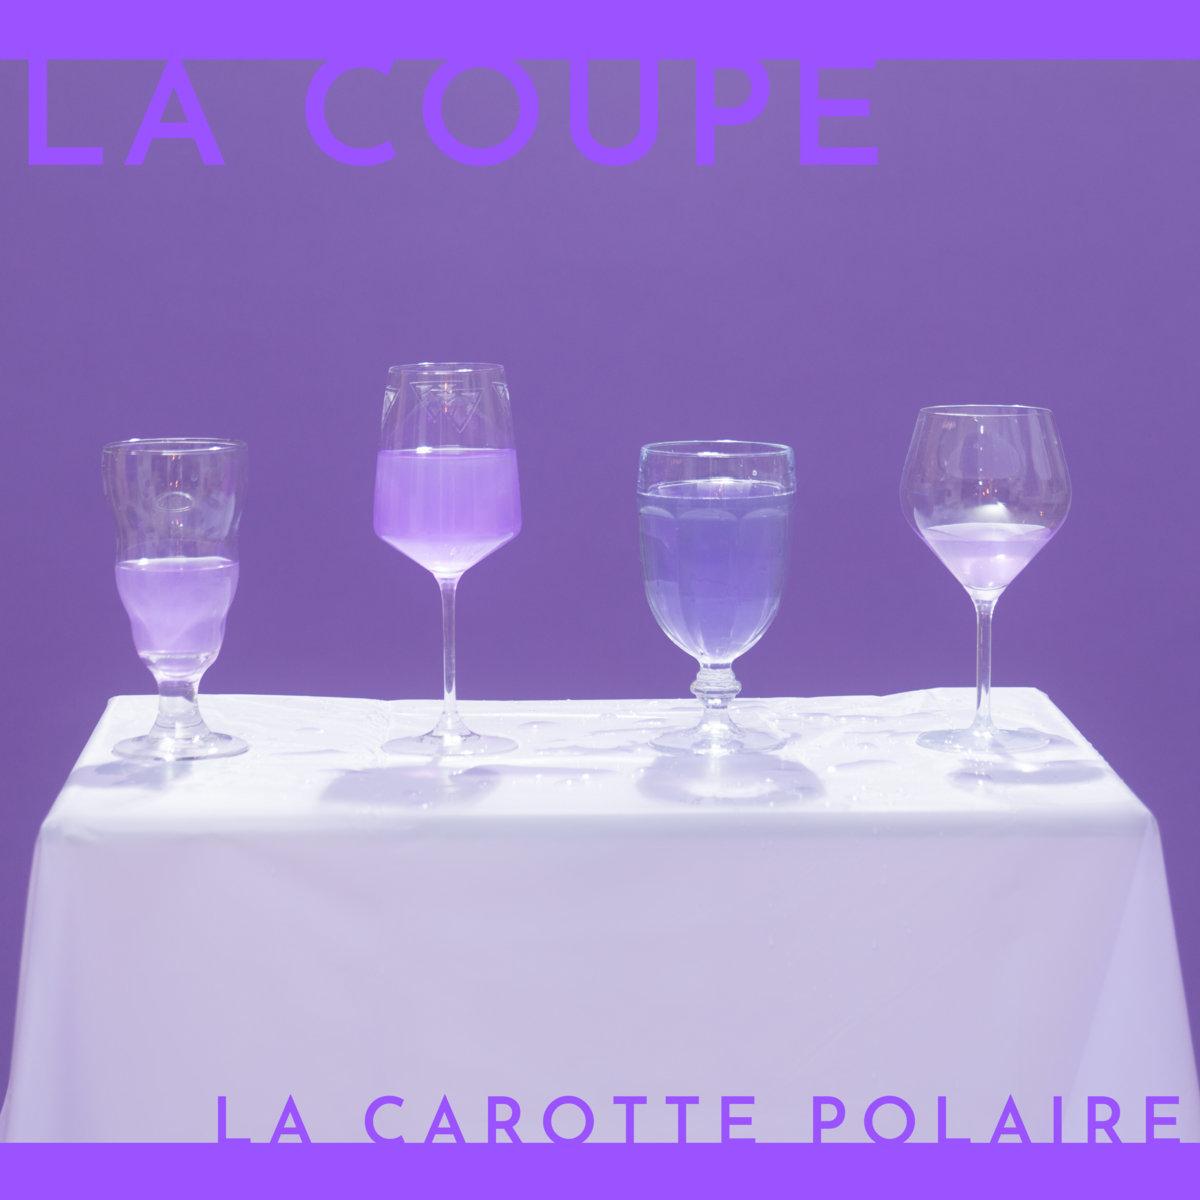 La Coupe by La Carotte Polaire